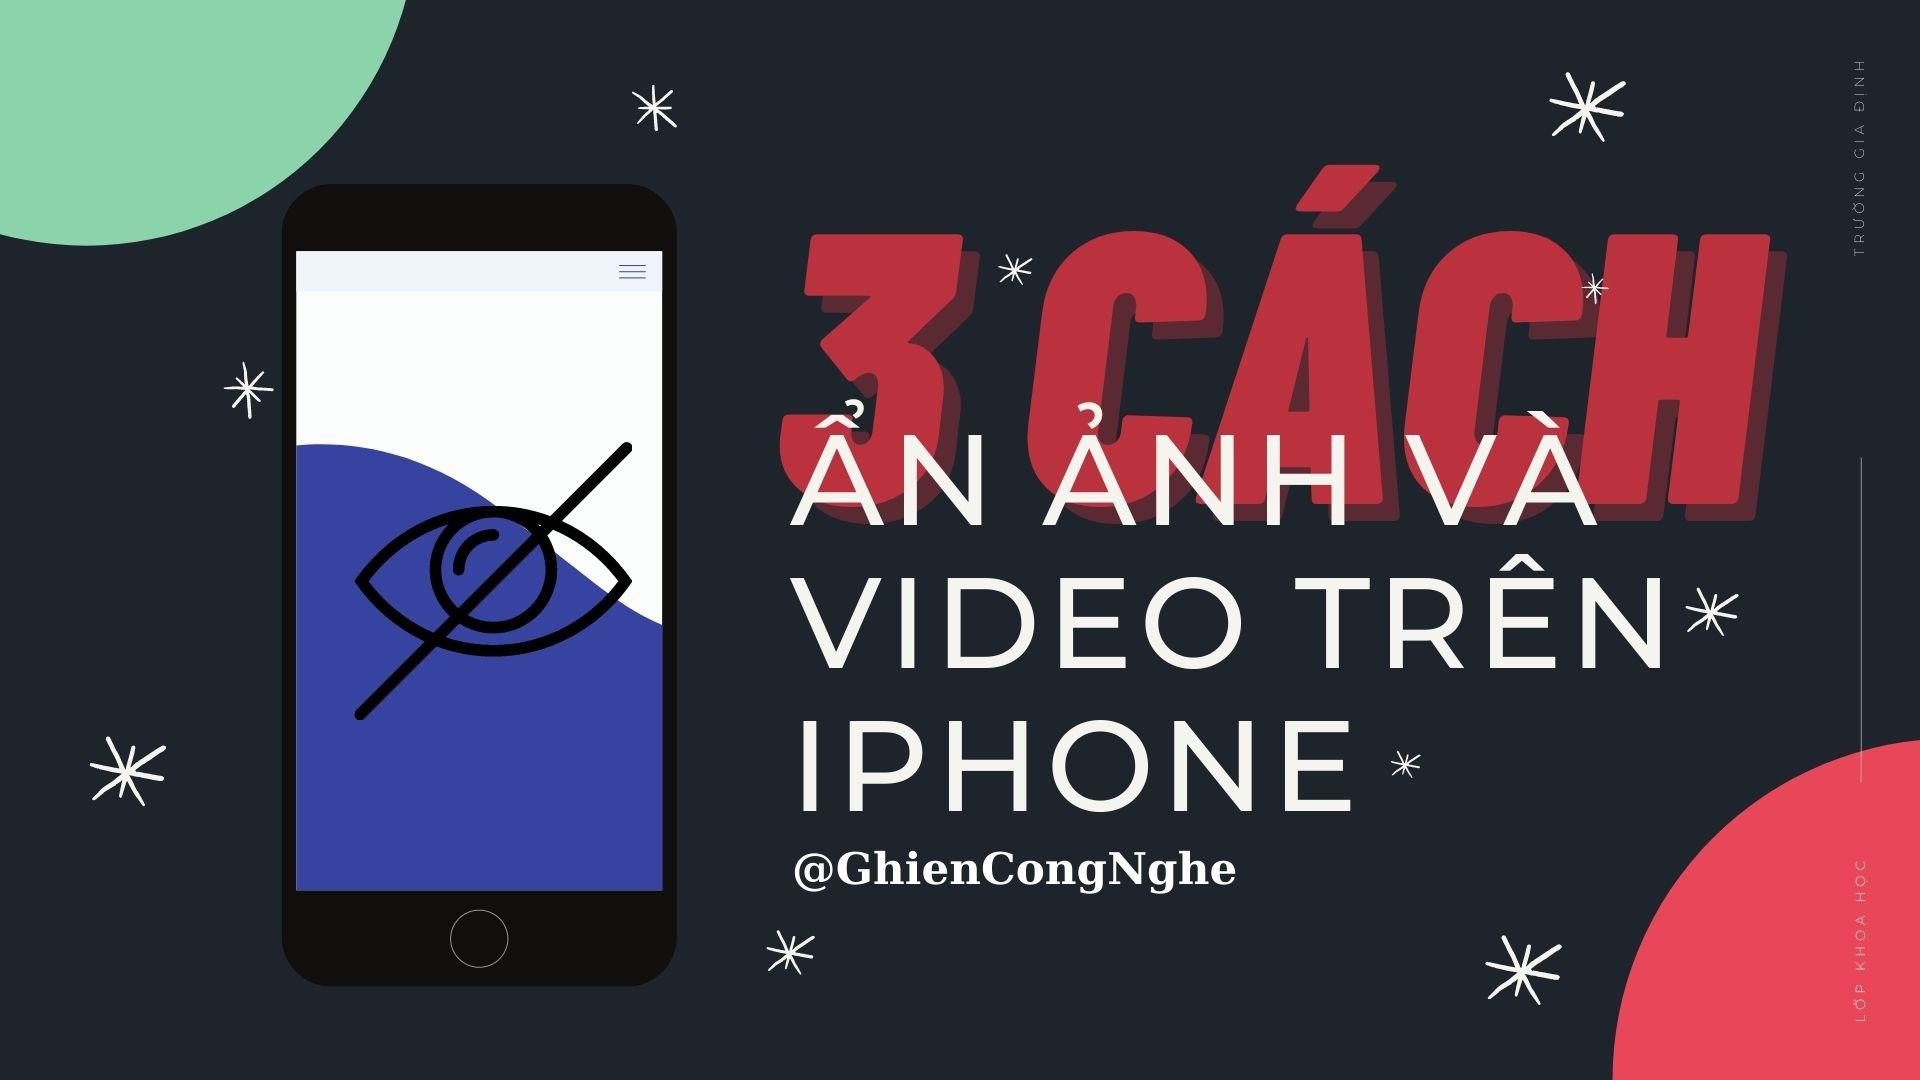 3 cách ẩn ảnh và ẩn video trên iPhone không để người khác thấy